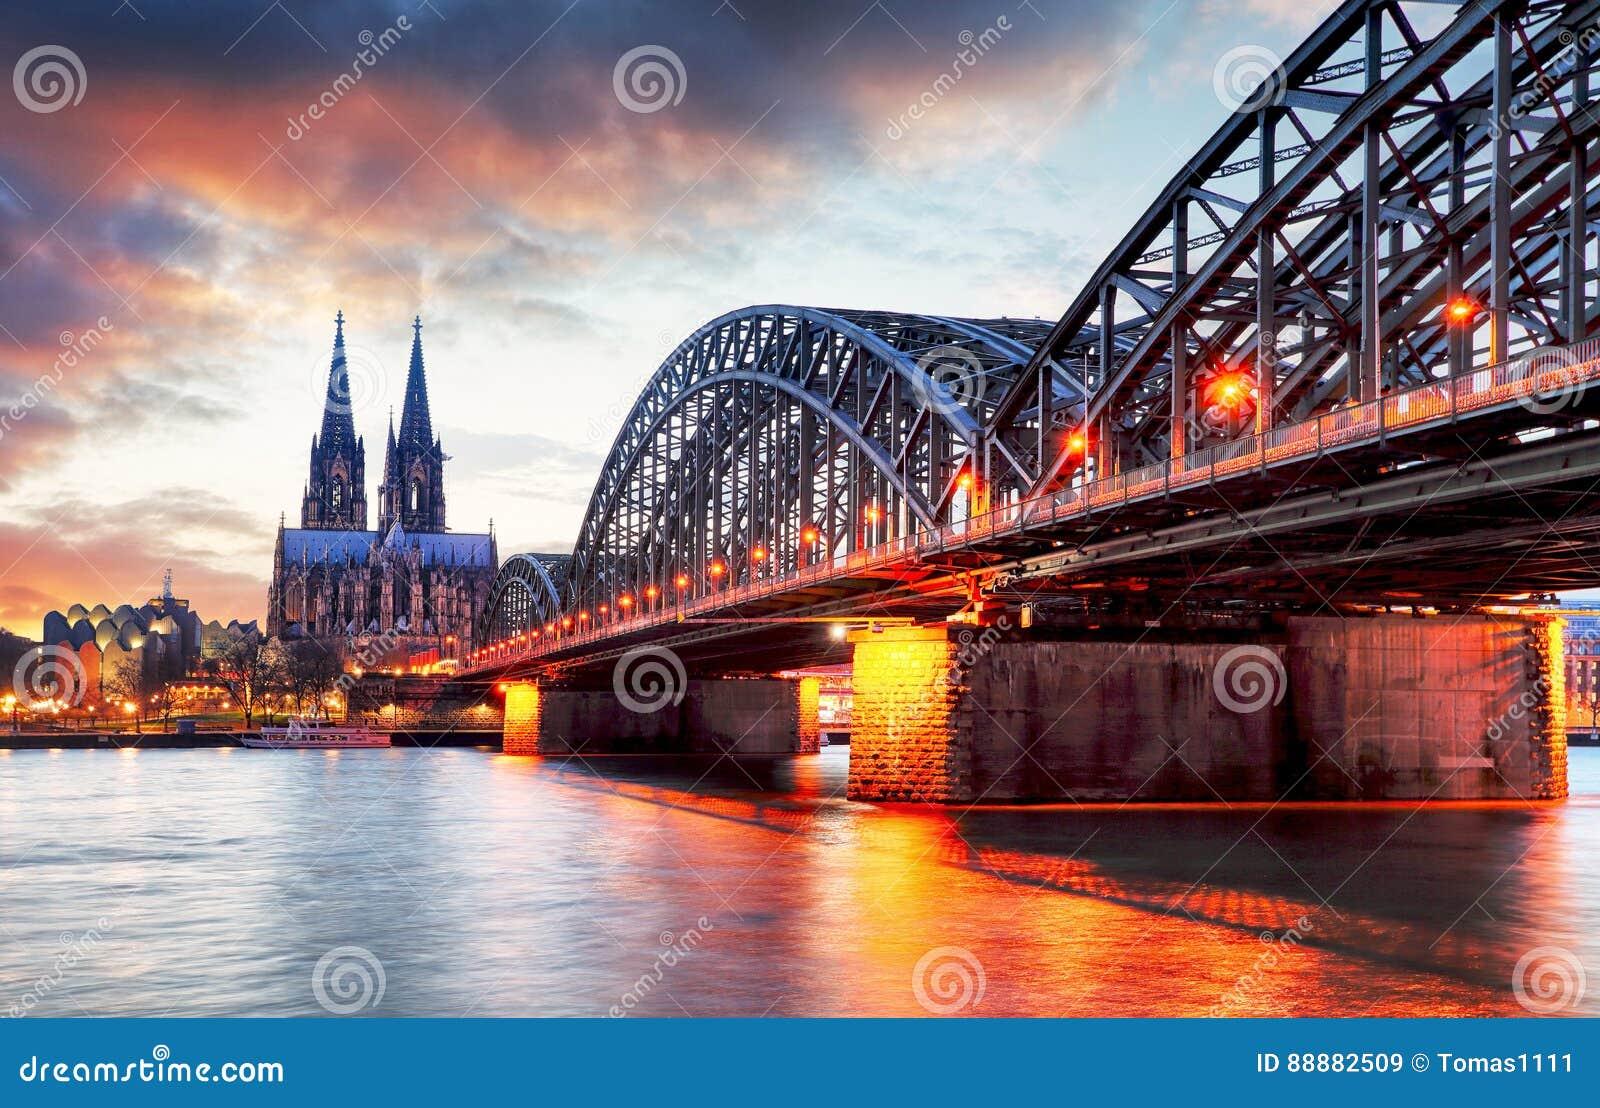 Catedral de Colonia y puente de Hohenzollern en la puesta del sol - noche